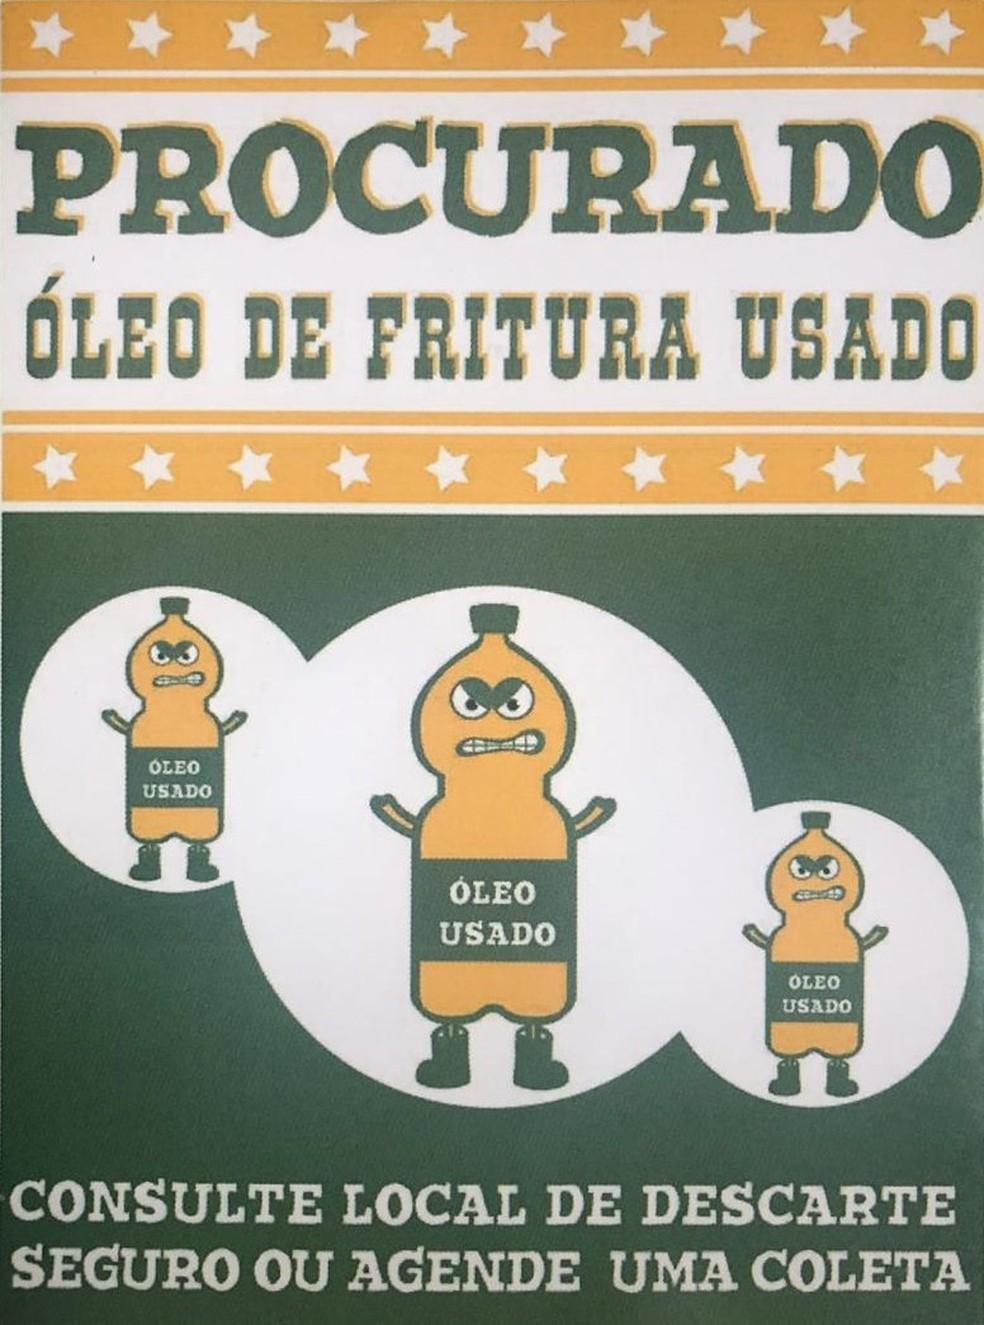 Cartaz para recolhimento do Óleo de fritura usado.  — Foto: Beatriz Magalhães/G1